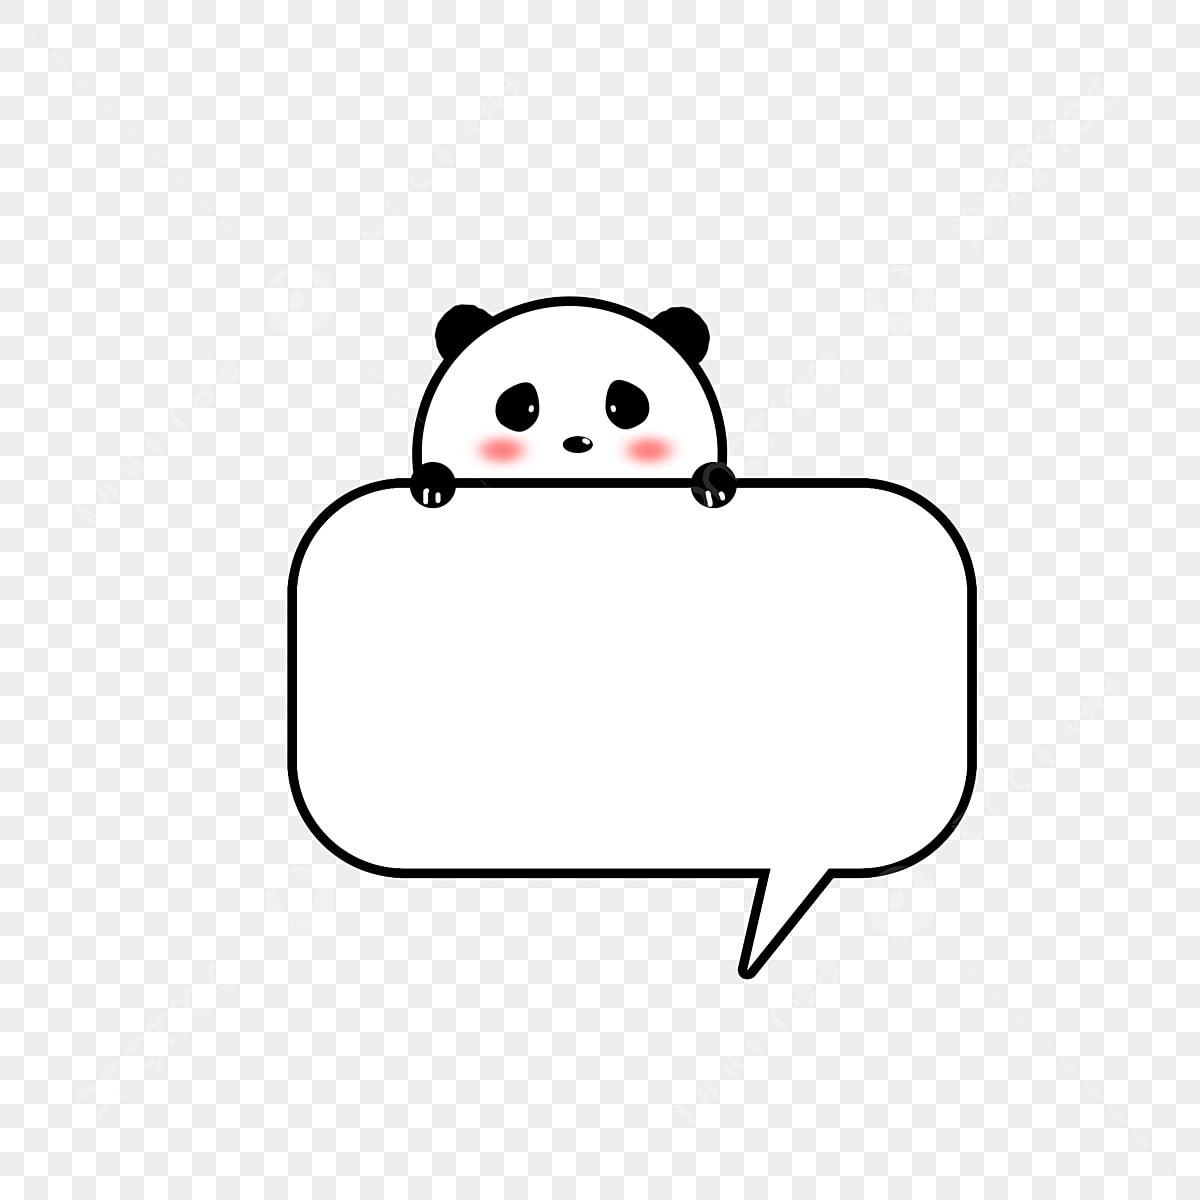 530 Koleksi Gambar Binatang Kartun Hitam Putih Gratis Terbaru